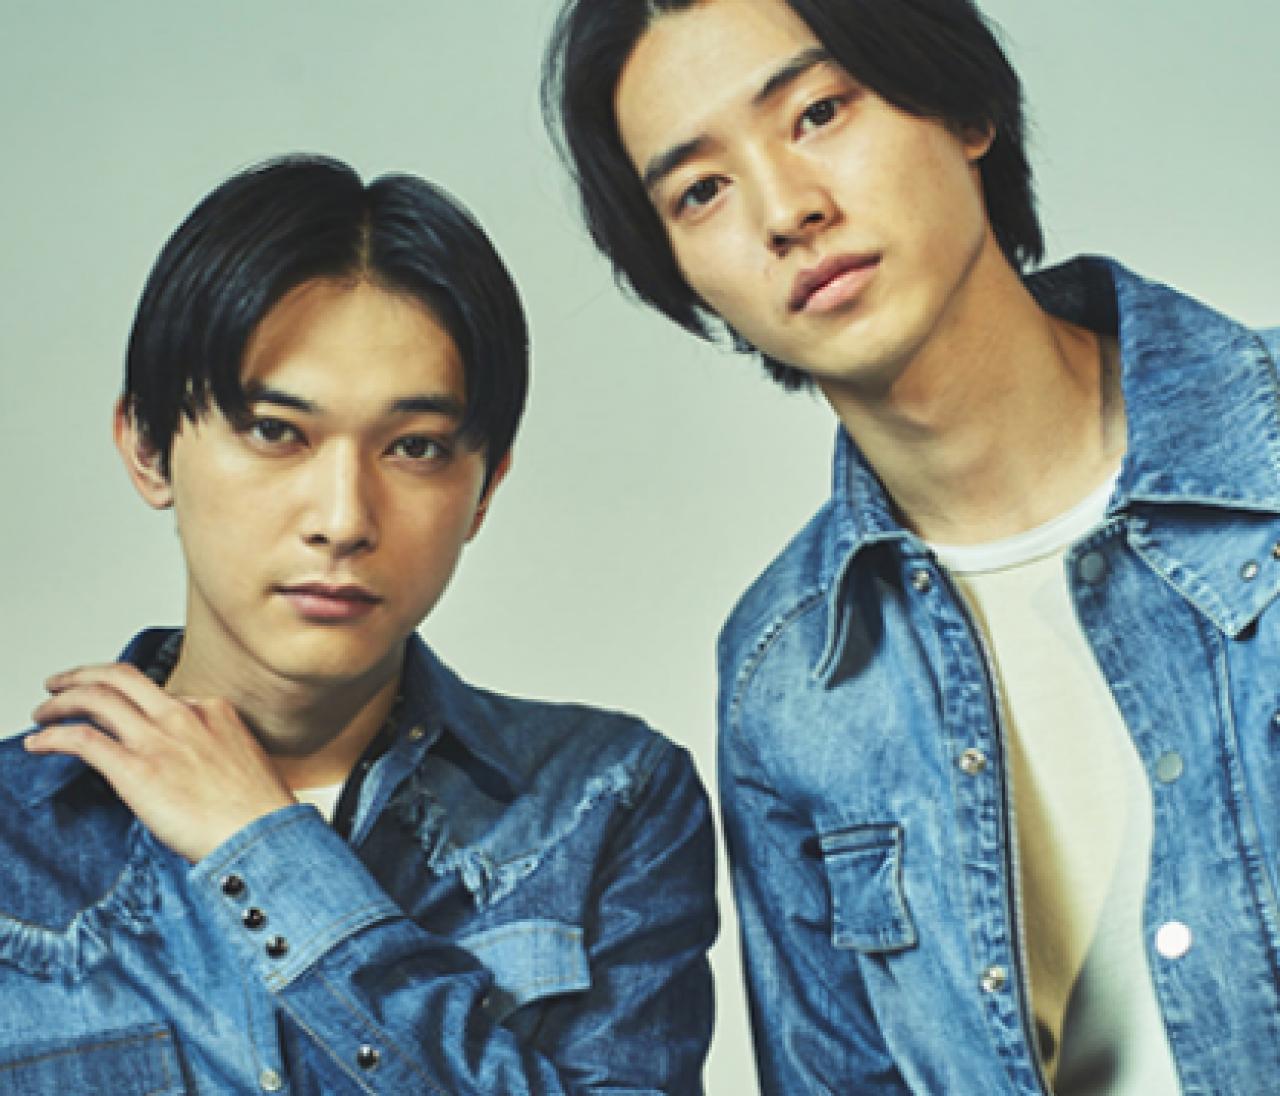 【山﨑賢人&吉沢亮】映画『キングダム』でタッグを組む二人の友情トーク公開中